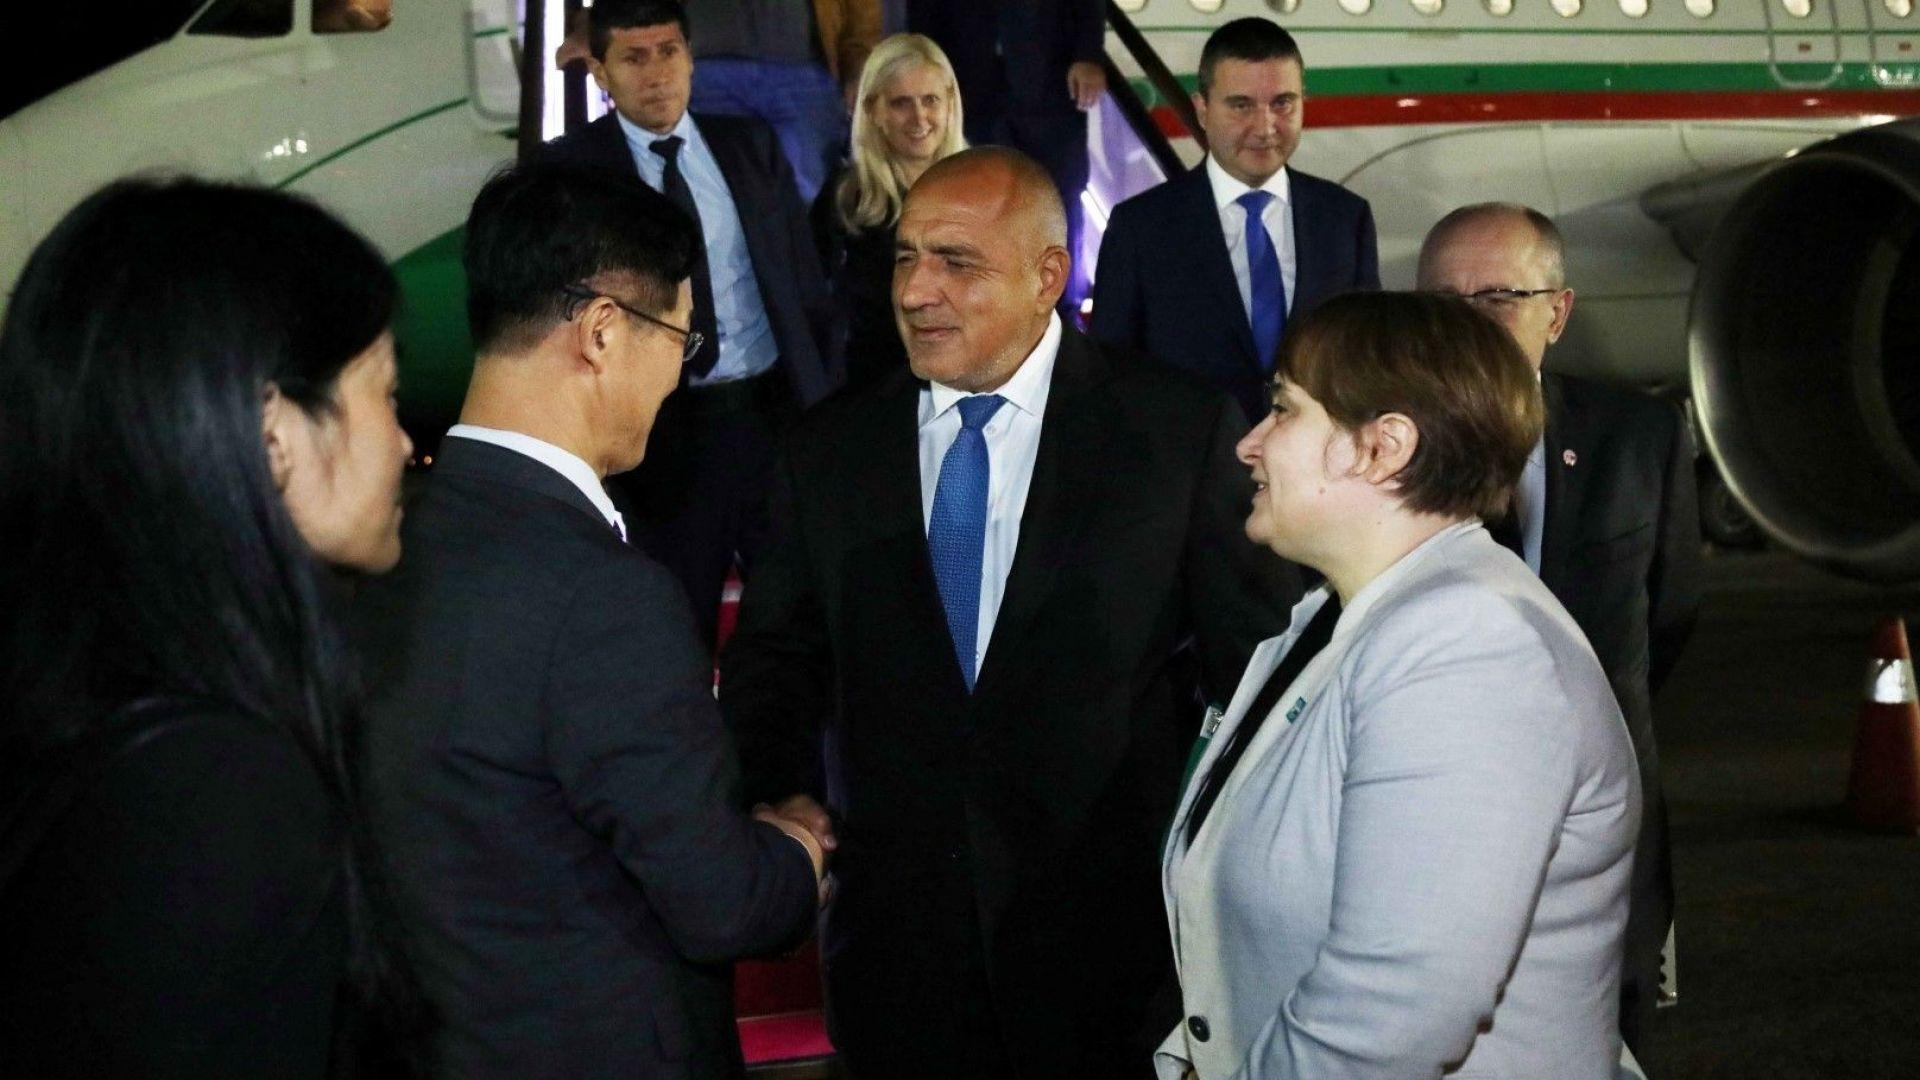 Бойко Борисов пристигна в Сеул, ще преговаря за заводи за електромобили